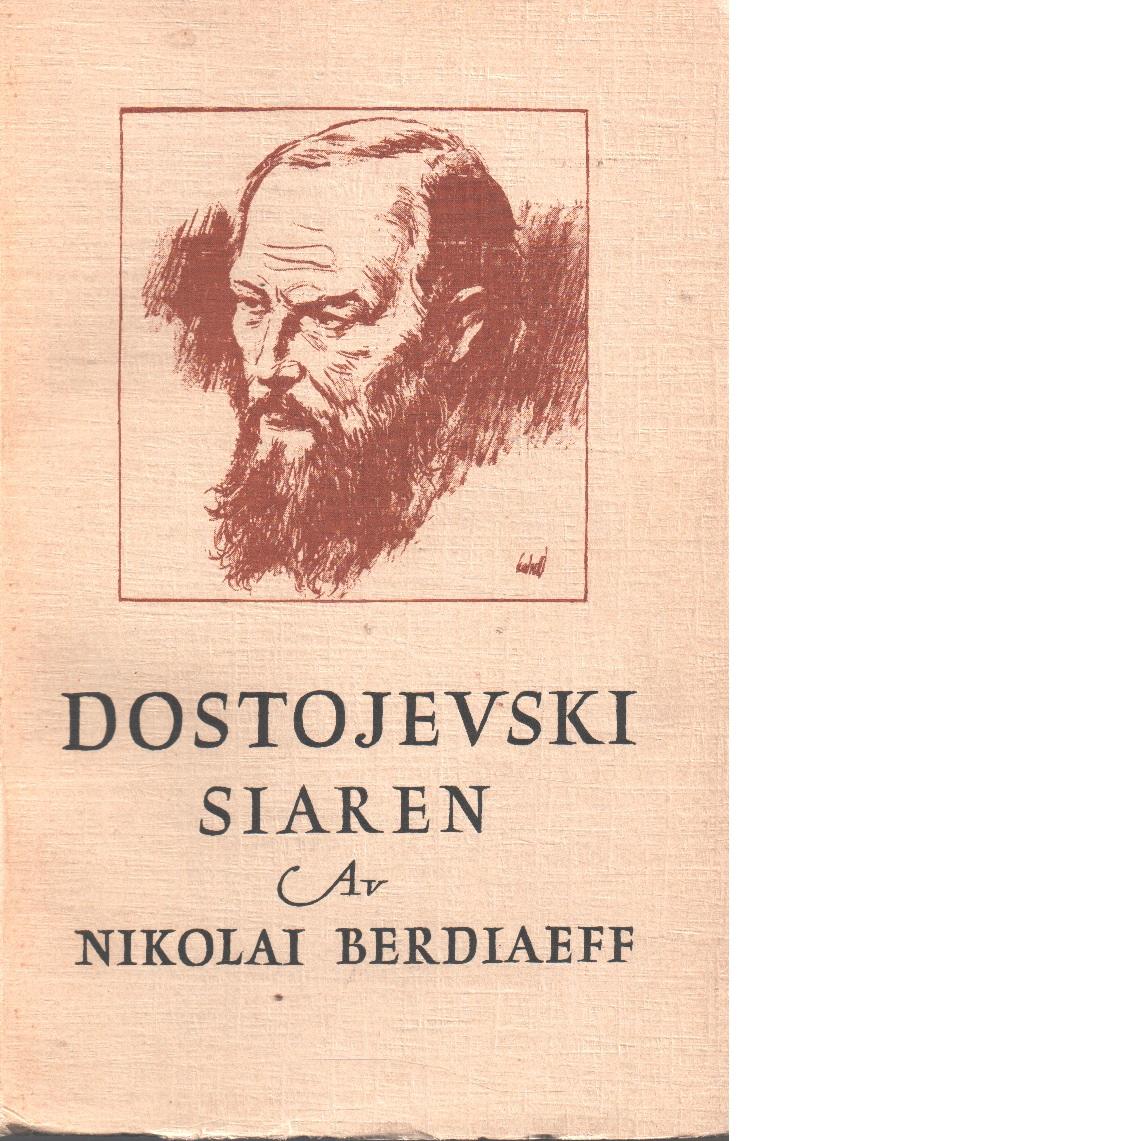 Dostojevski siaren - Berdjaev, Nikolaj Aleksandrovic?